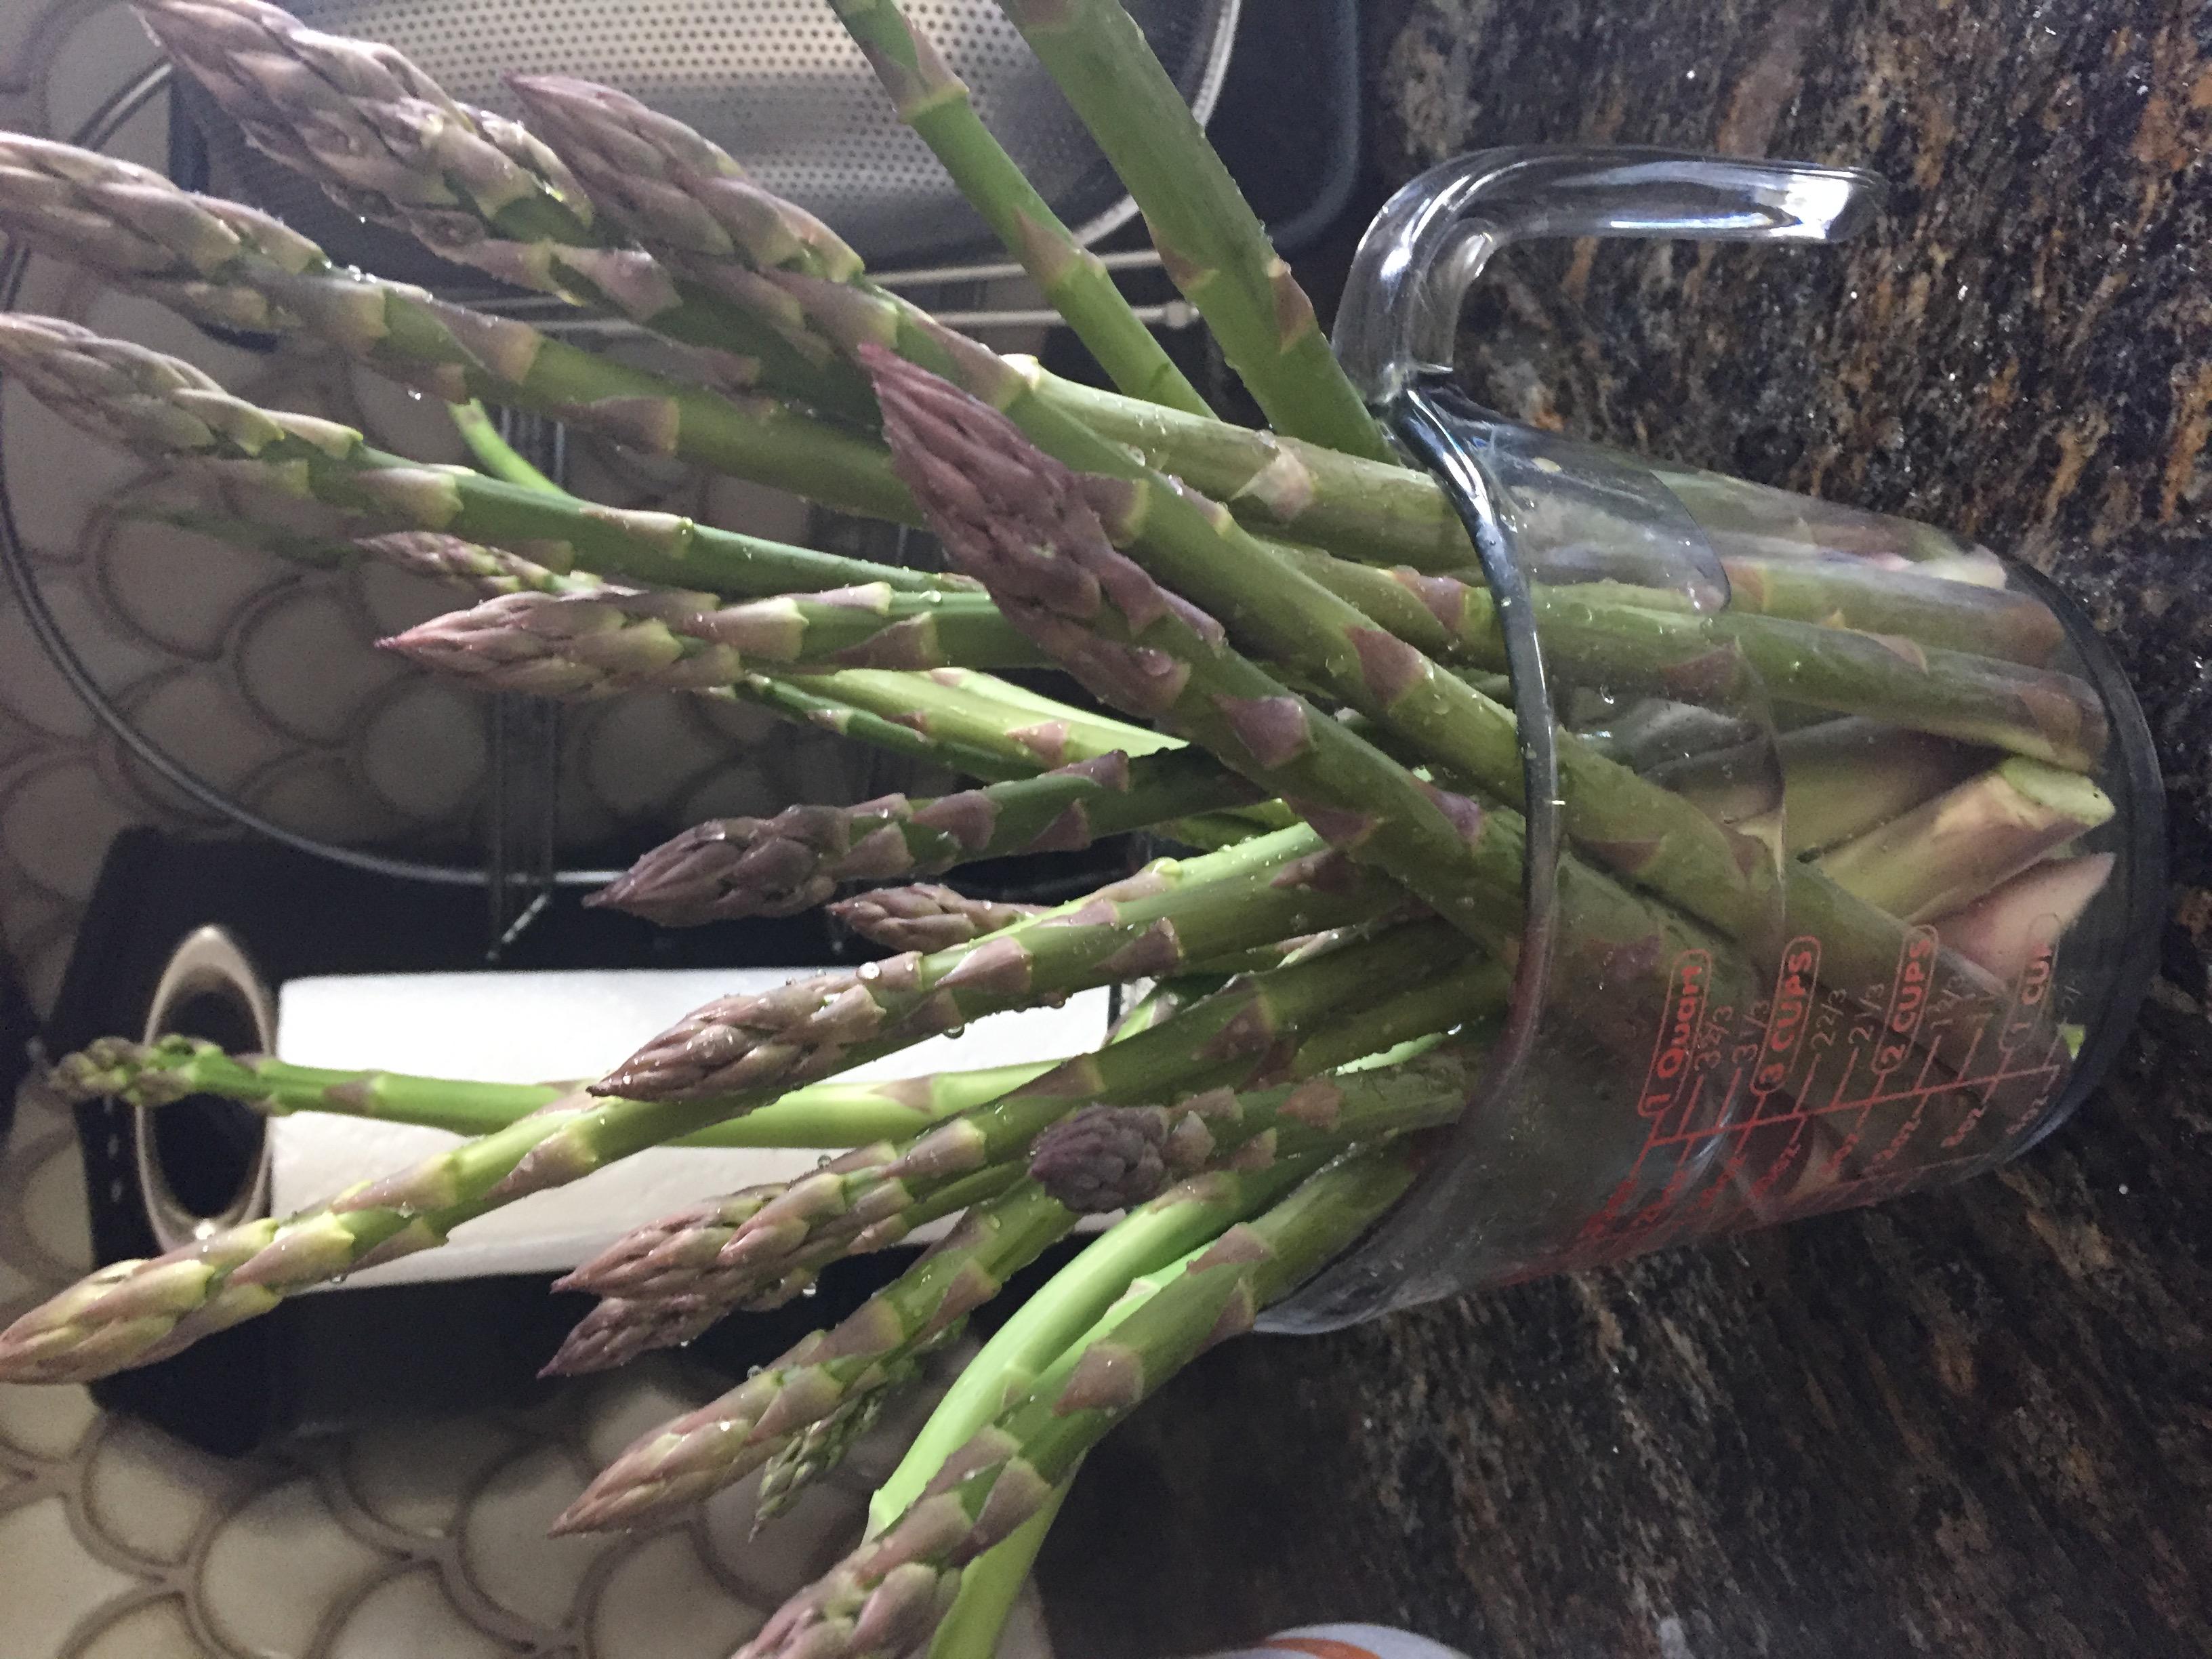 5DAA77C8 282A 4056 8E49 8EB31710626D Asparagus and Microgreens